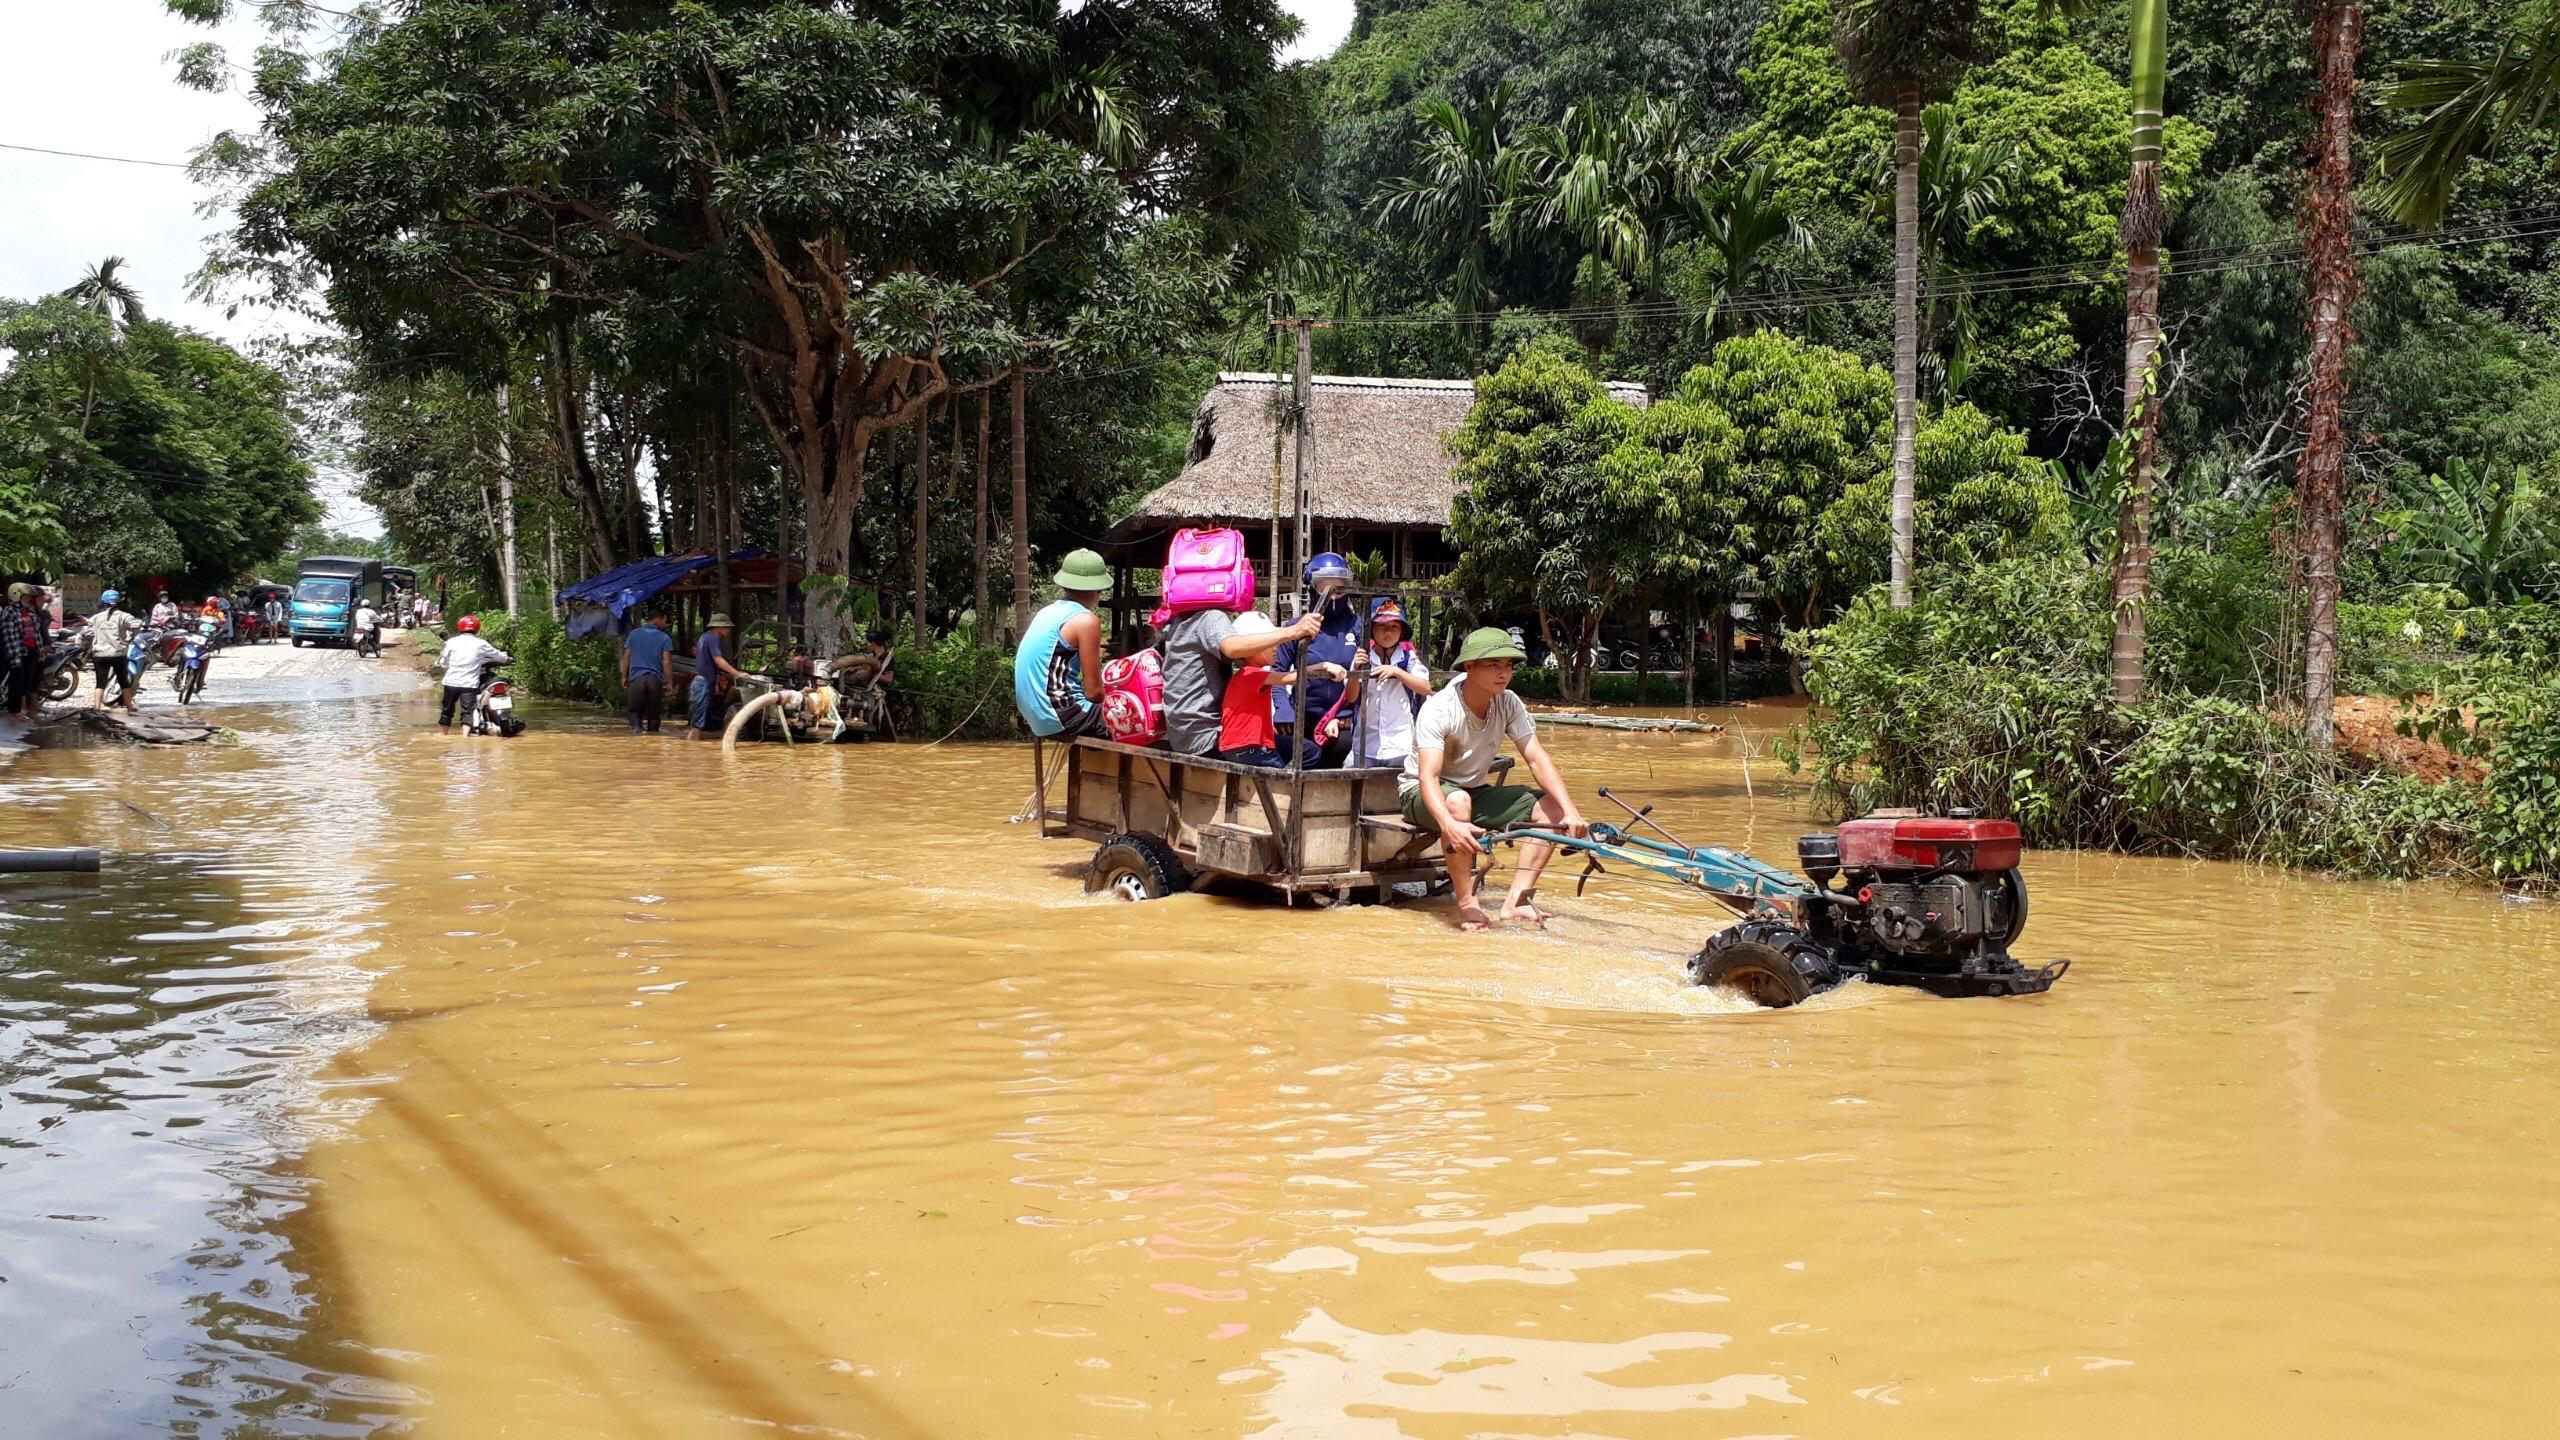 Người dân sử dụng mọi phương tiện có thể để di chuyển trong biển nước